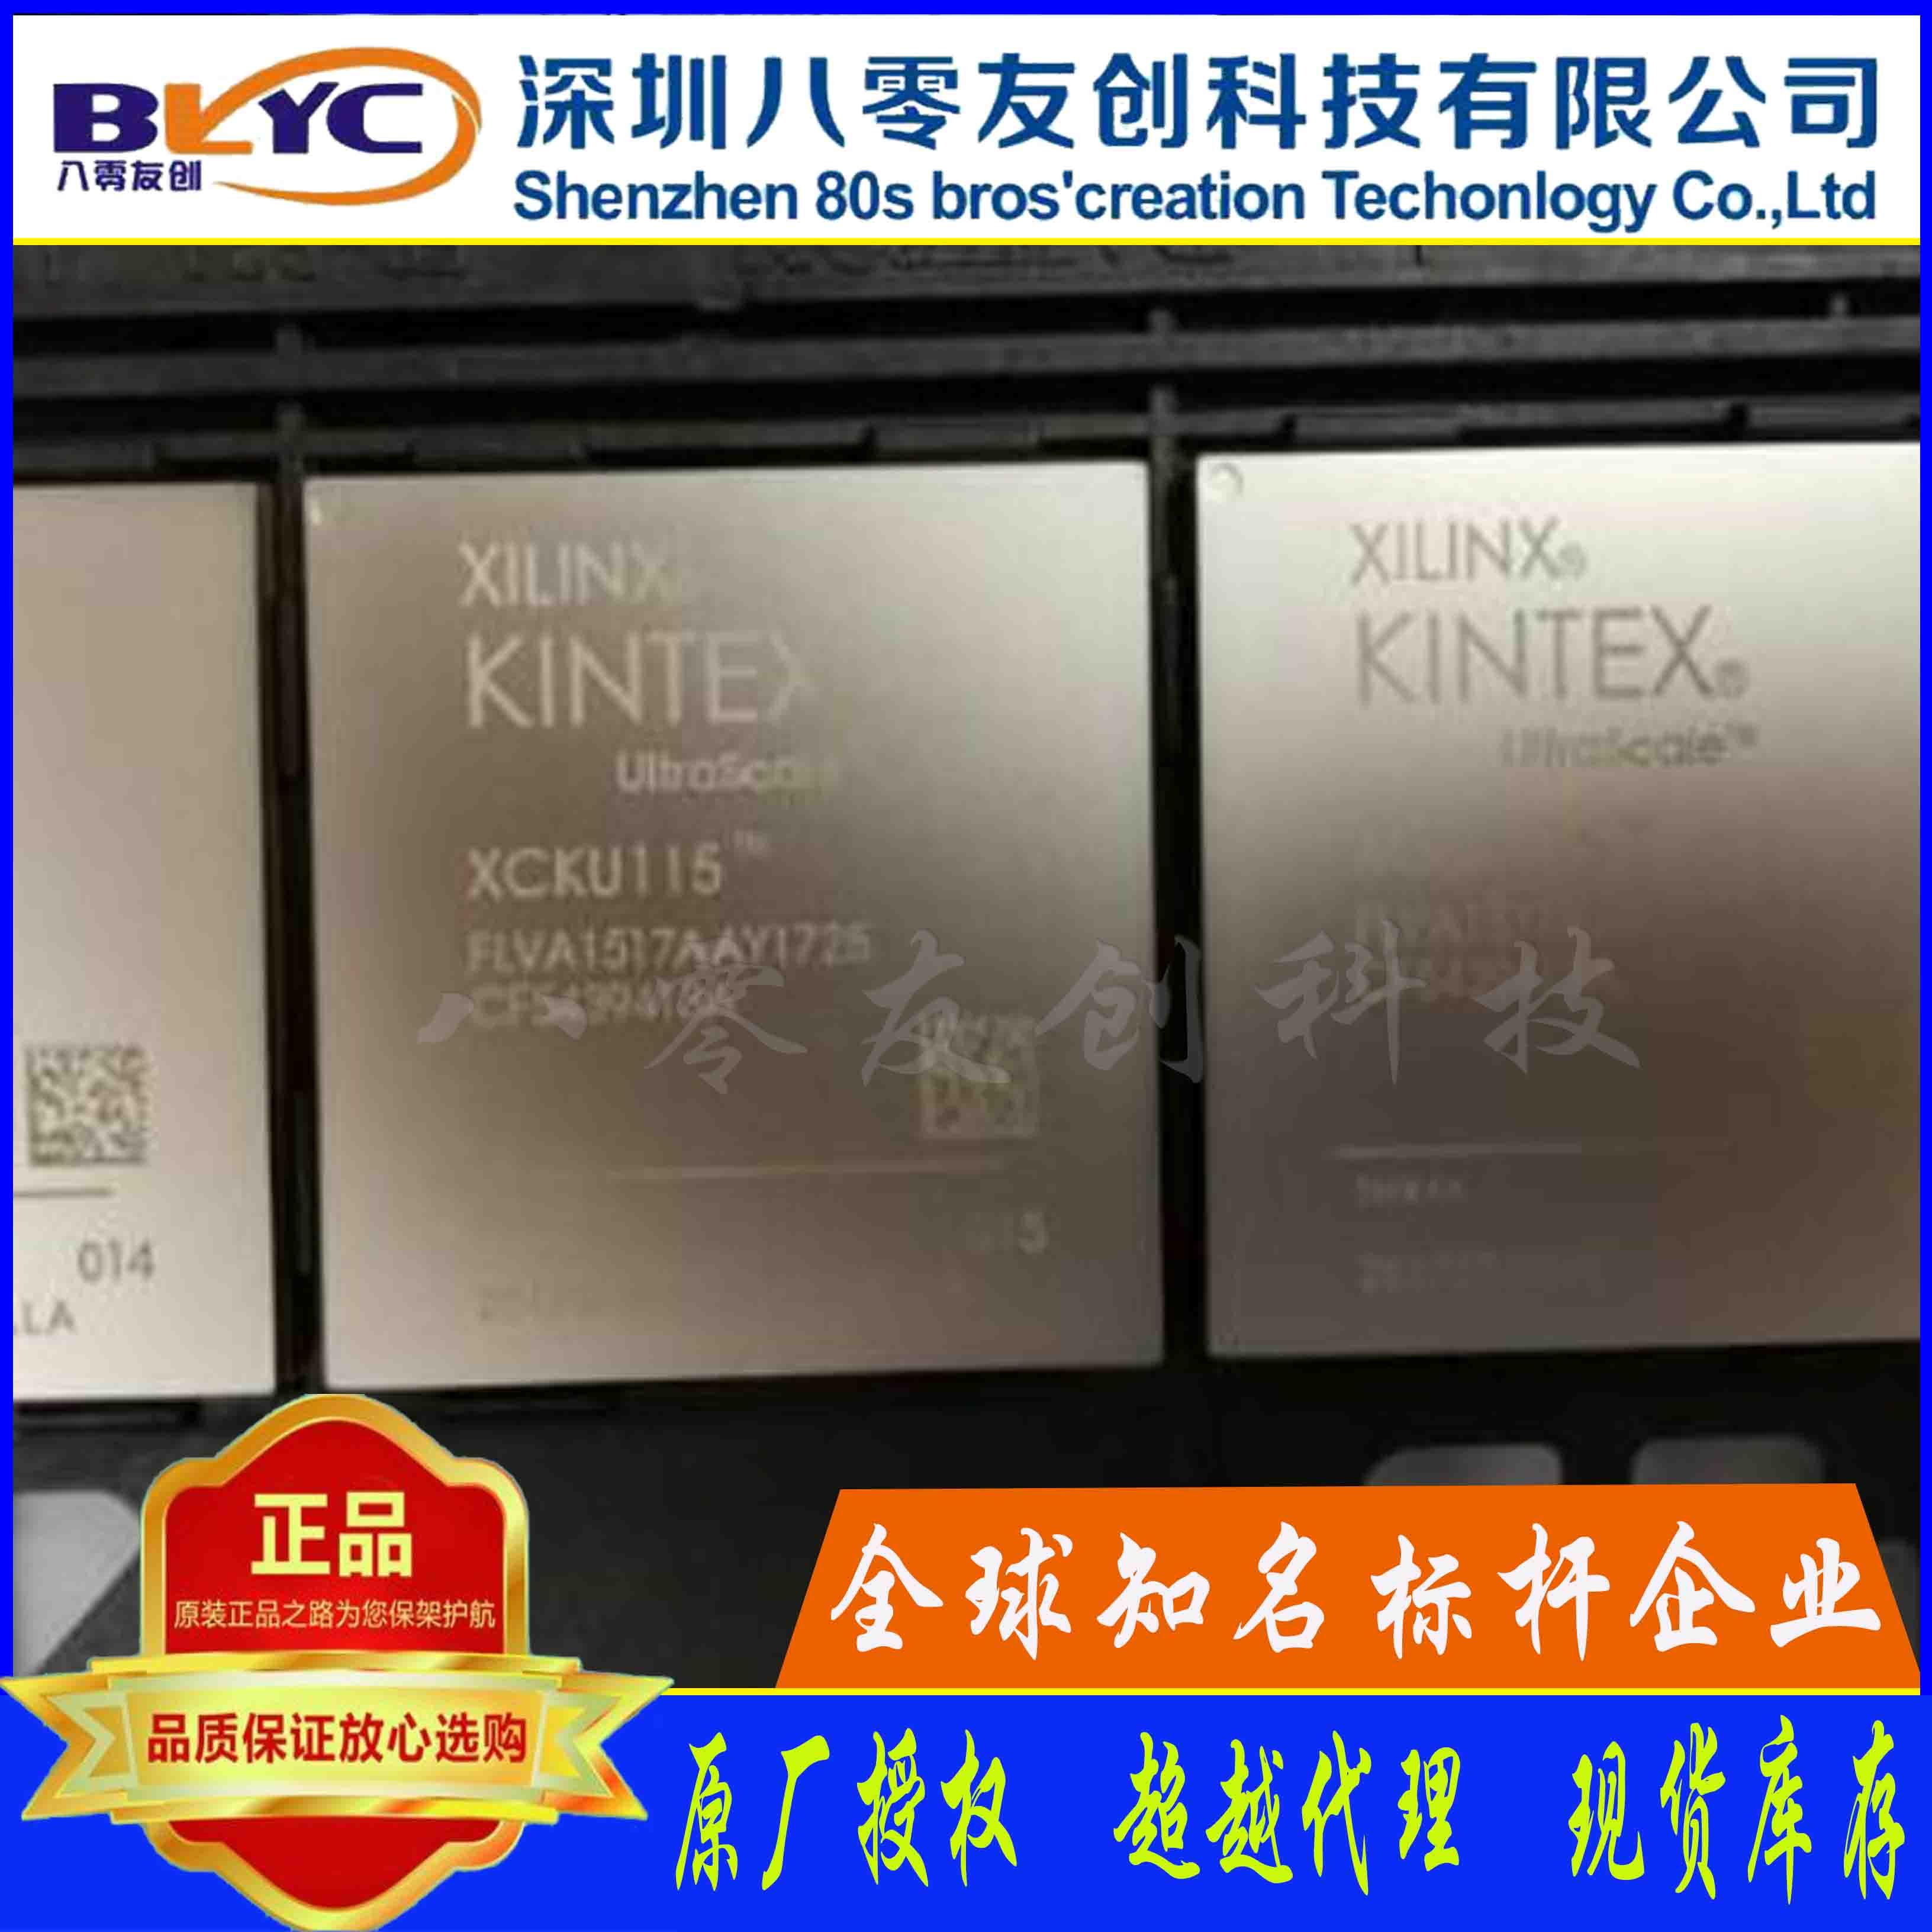 XCKU115-1FLVA1517I